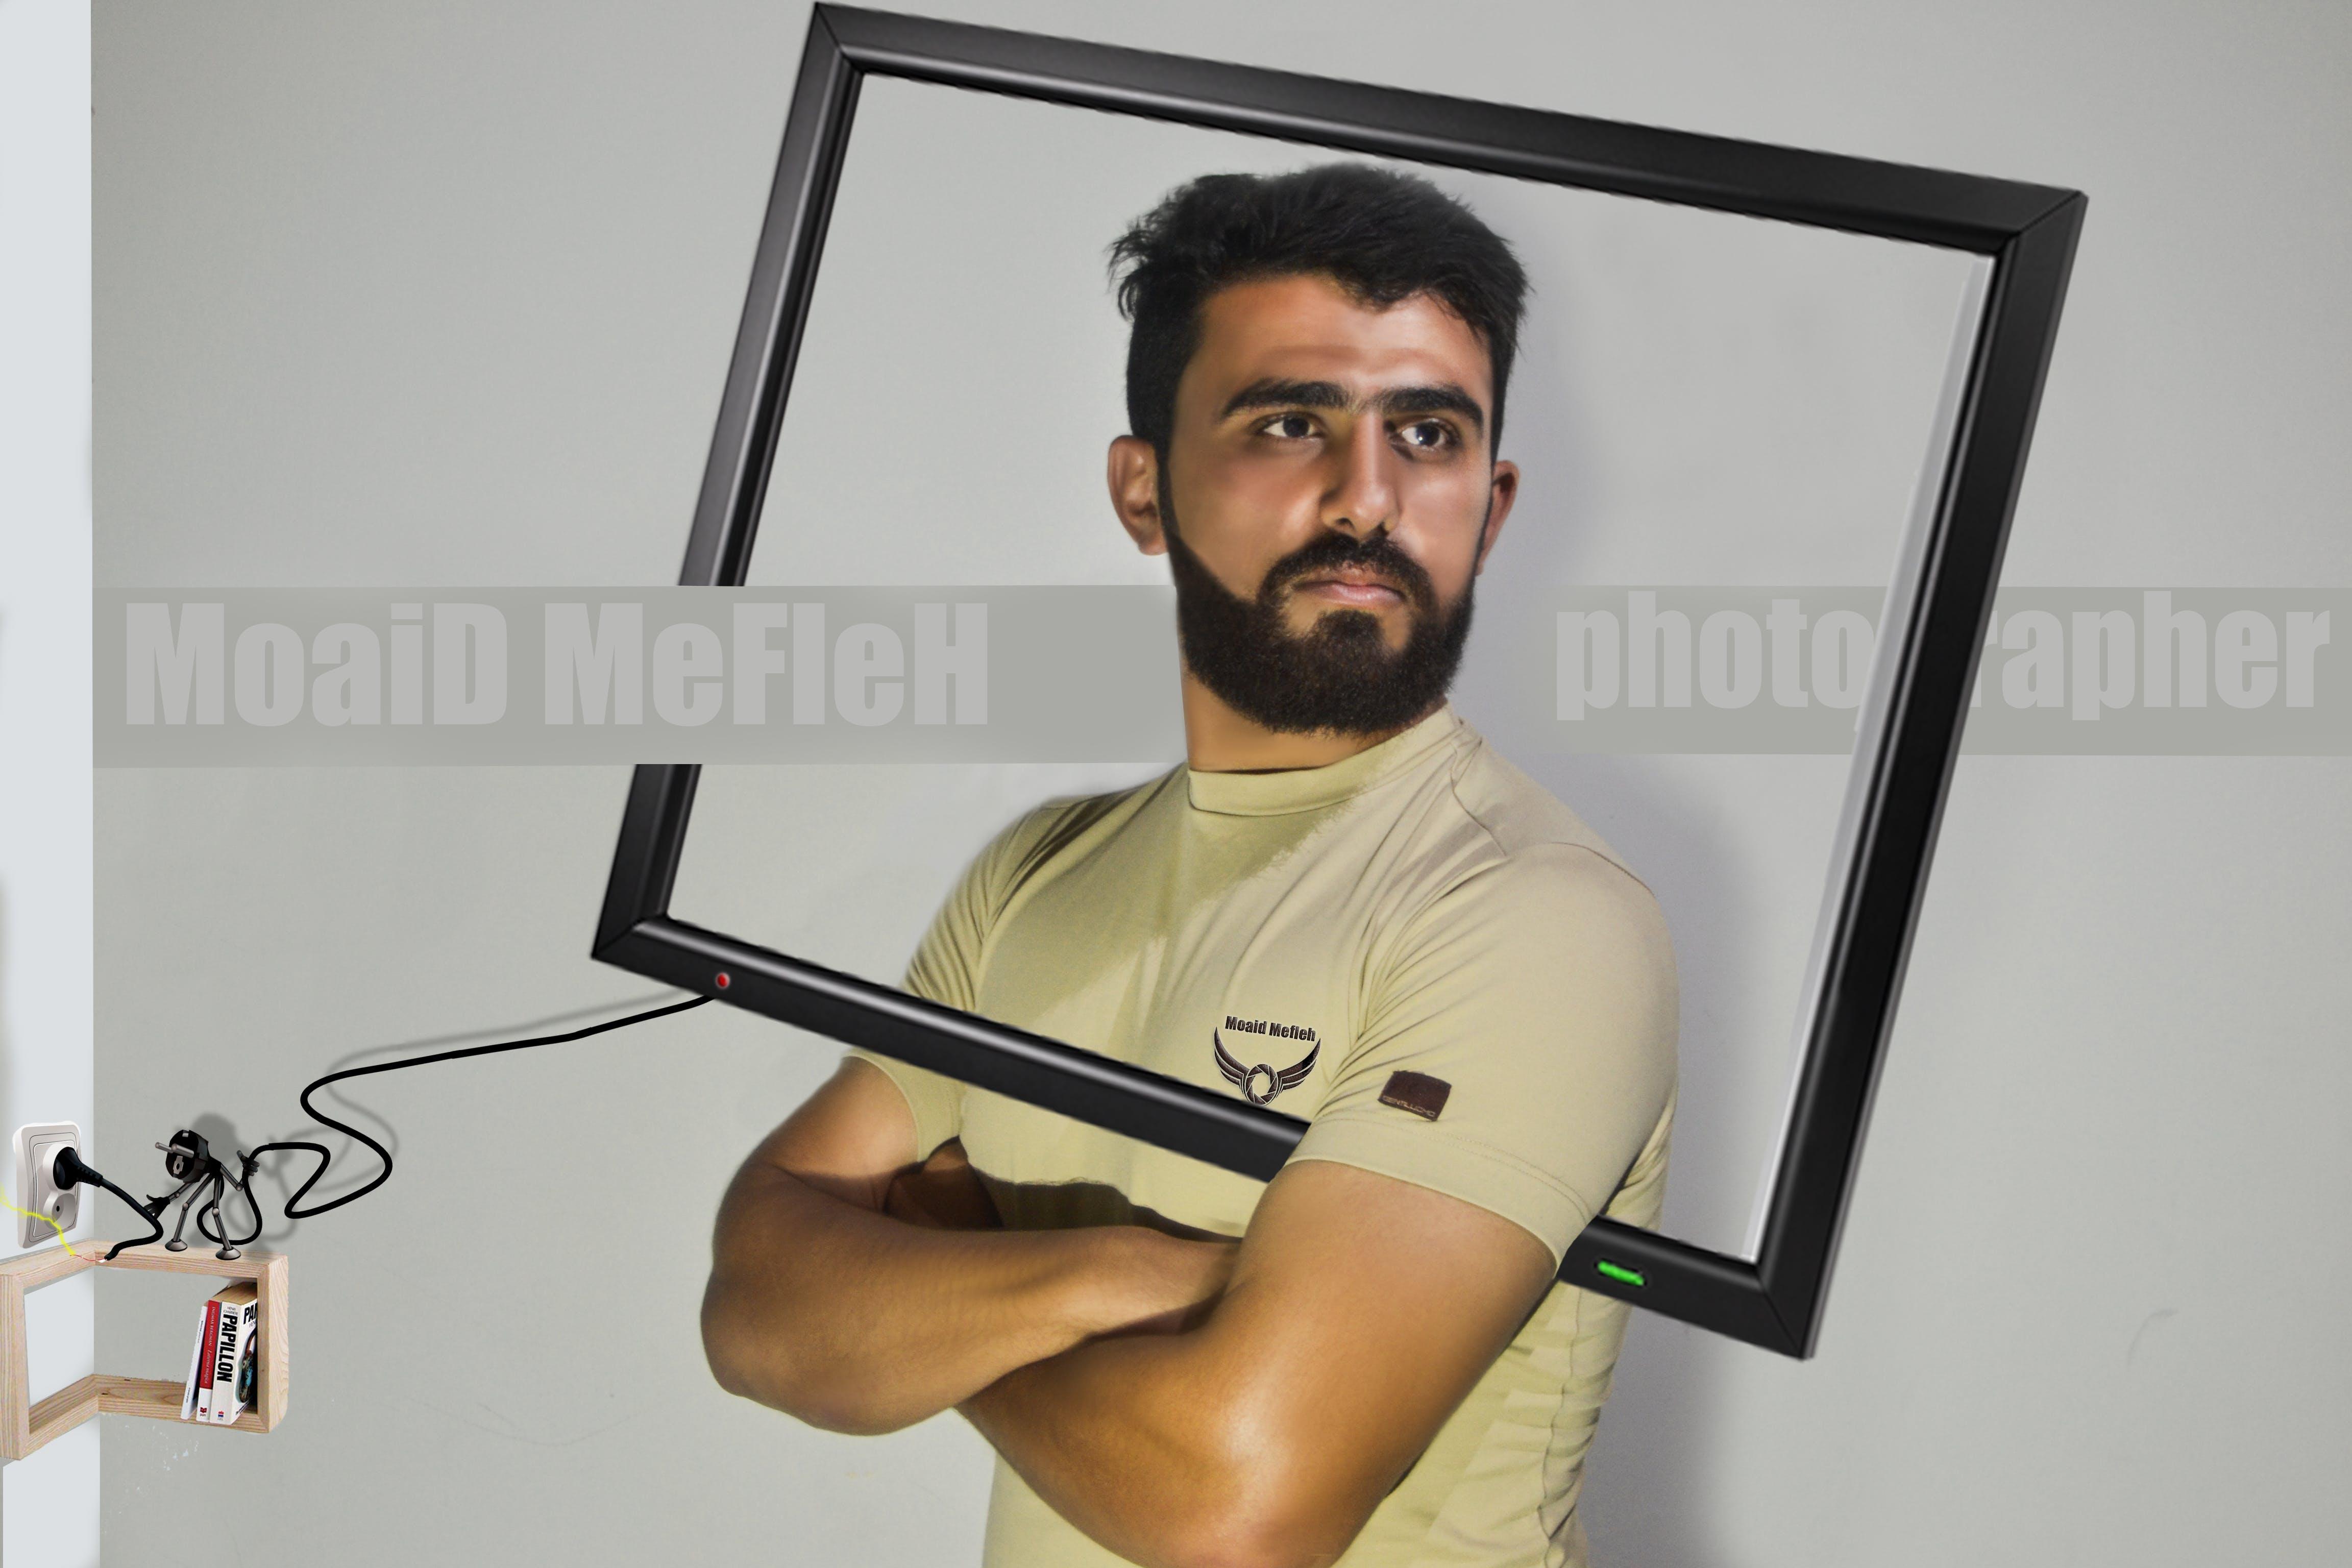 Kostenloses Stock Foto zu fotograf, jordanien, moaid mefleh, photoshop